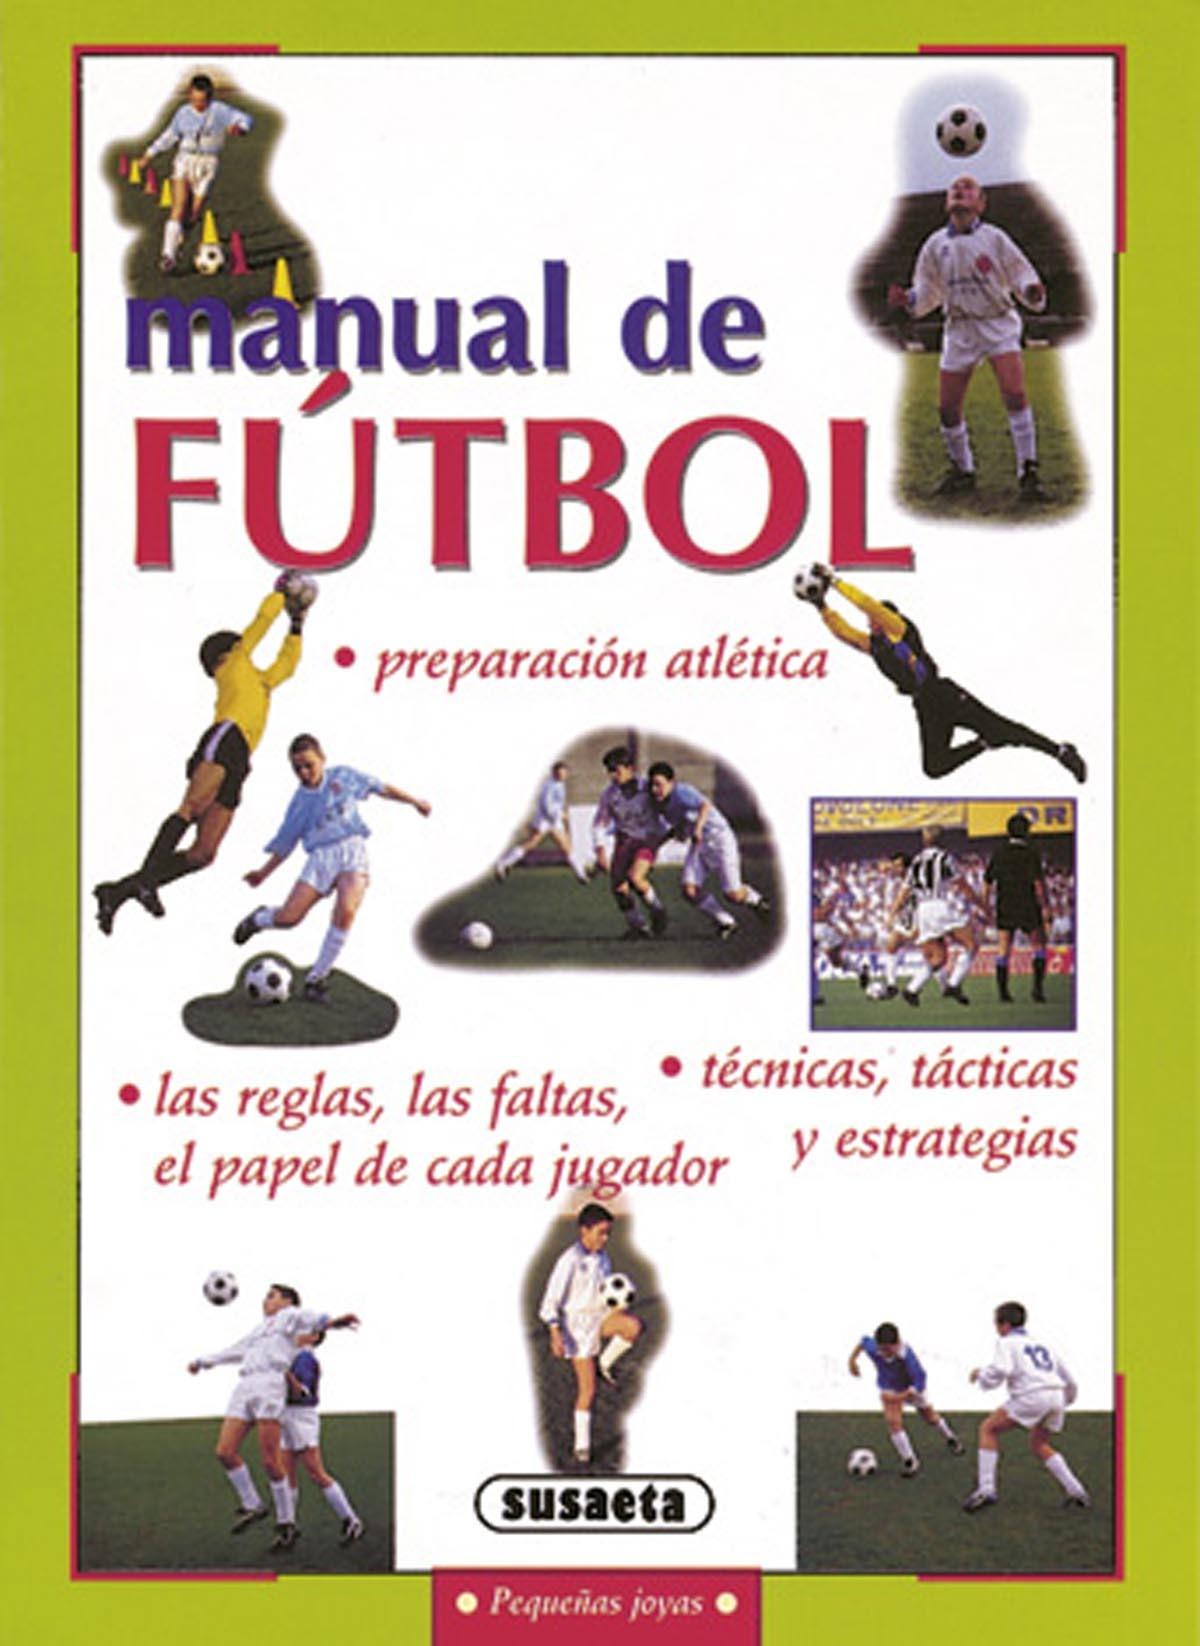 MANUAL DE FÚTBOL PREPARACIÓN ATLÉTICA, LAS REGLAS, LAS FALTAS, ...